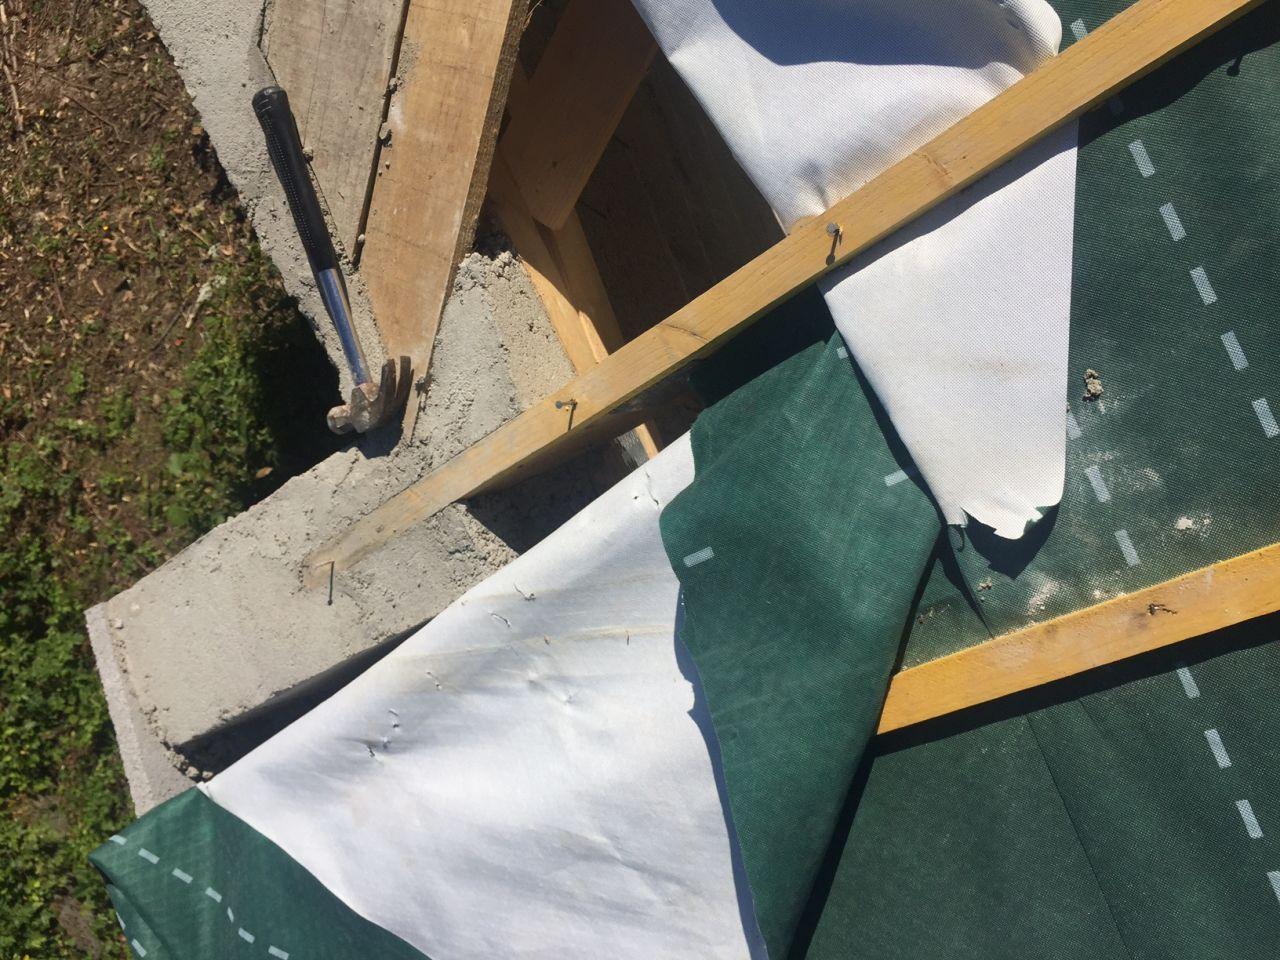 Le liteau a été arraché avec le film sous toiture, puis ils ont trouvés utile de faire l'arase au mortier autour du liteau...sans remettre le film sous toiture...